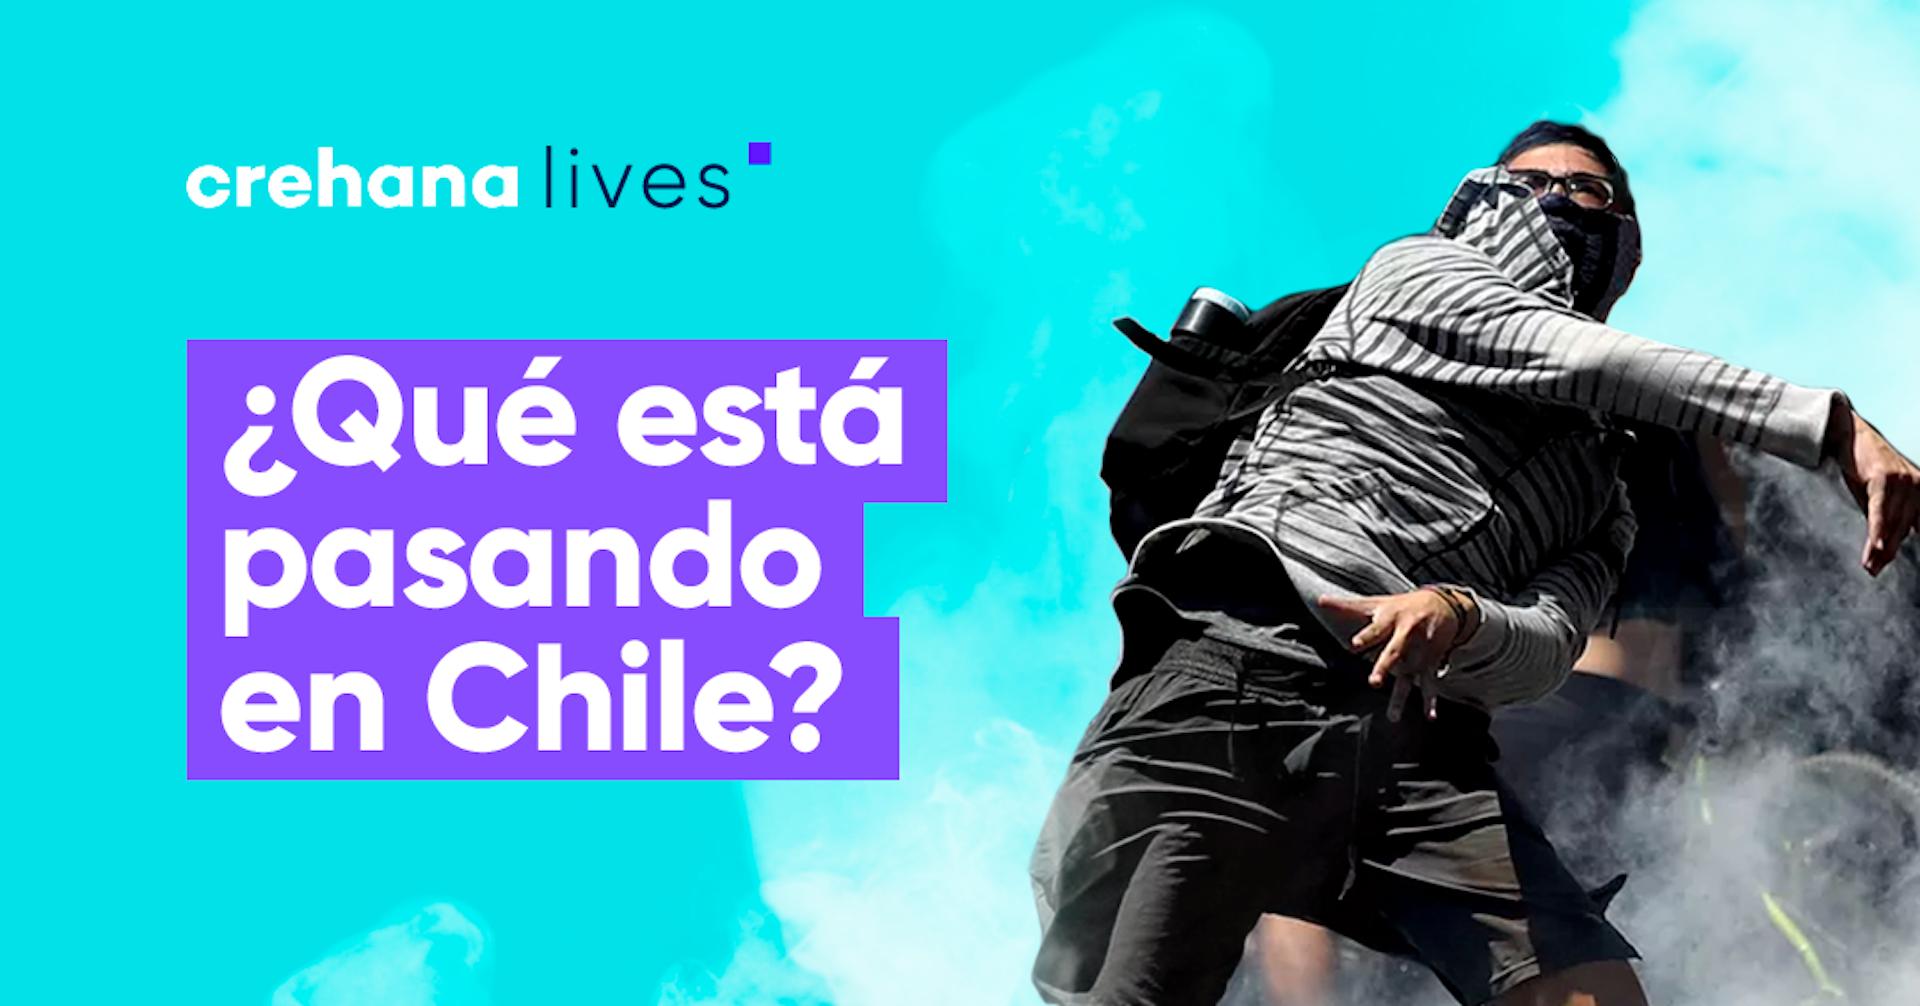 Revive el Crehana Live: ¿Qué está pasando en Chile?